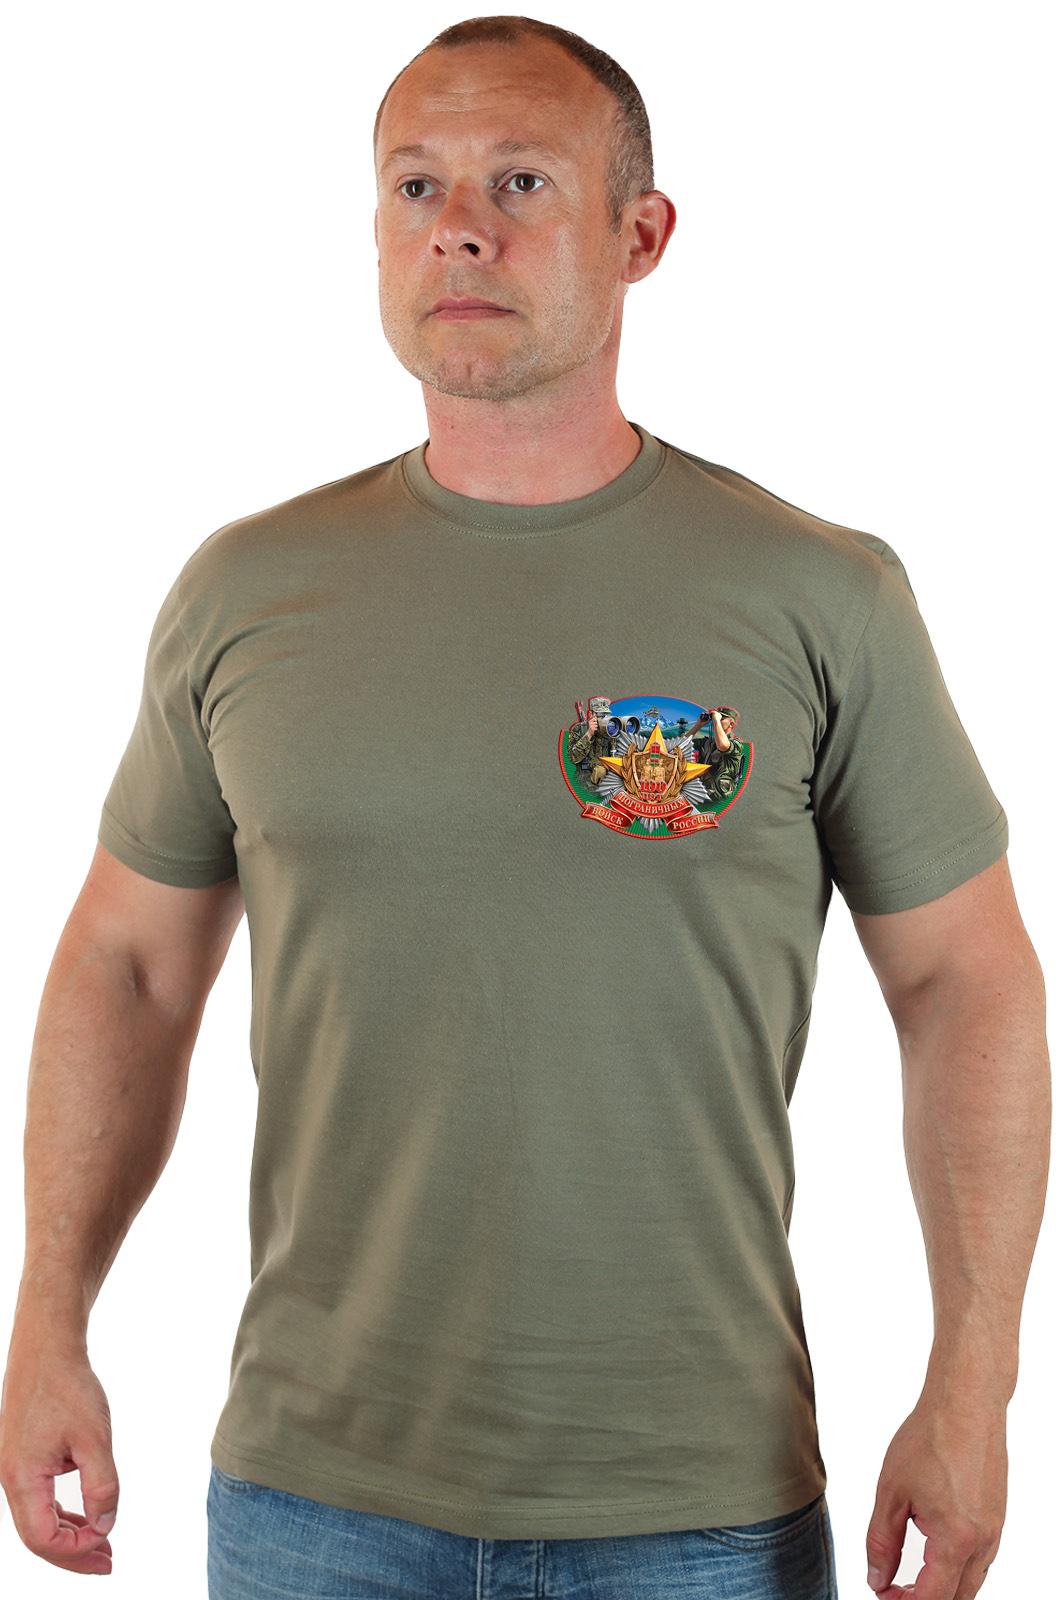 Купить в Москве футболку с пограничным принтом